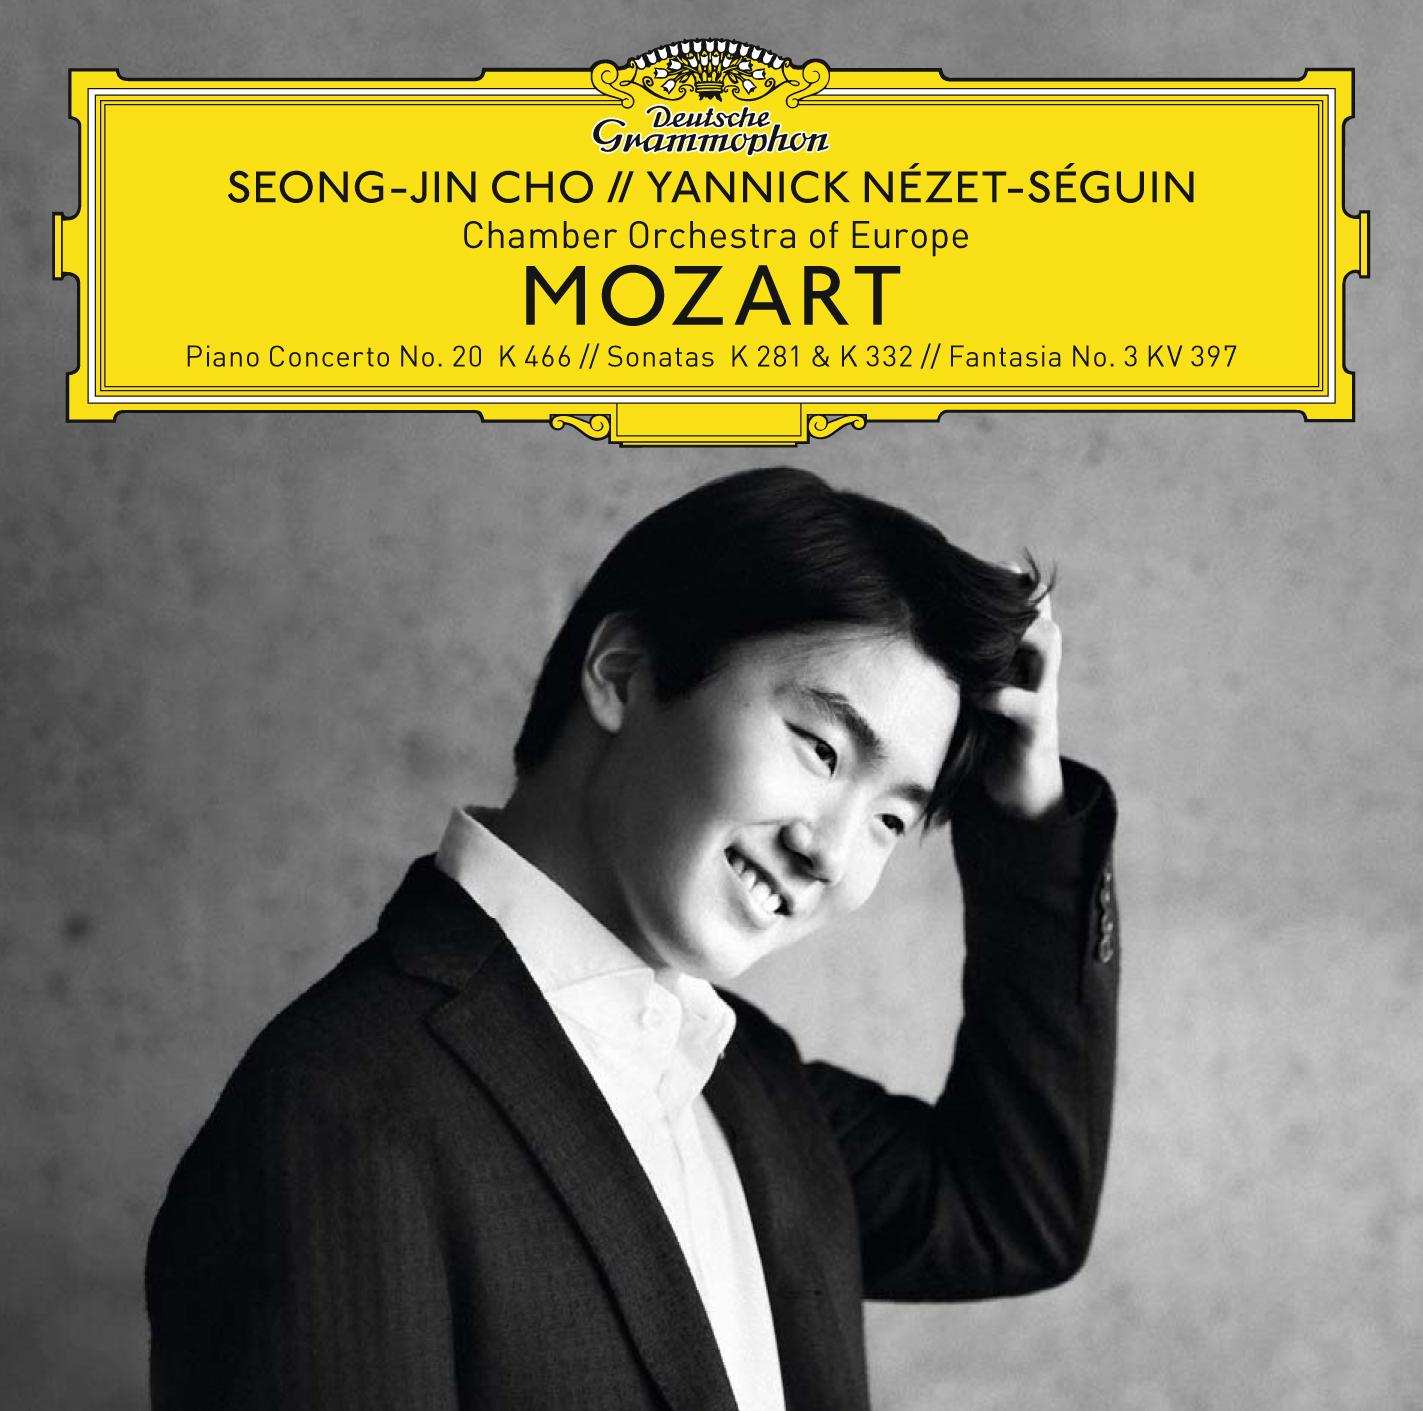 모차르트: 피아노 협주곡 20번, 소나타 3번 & 12번, 판타지 3번 [디럭스]